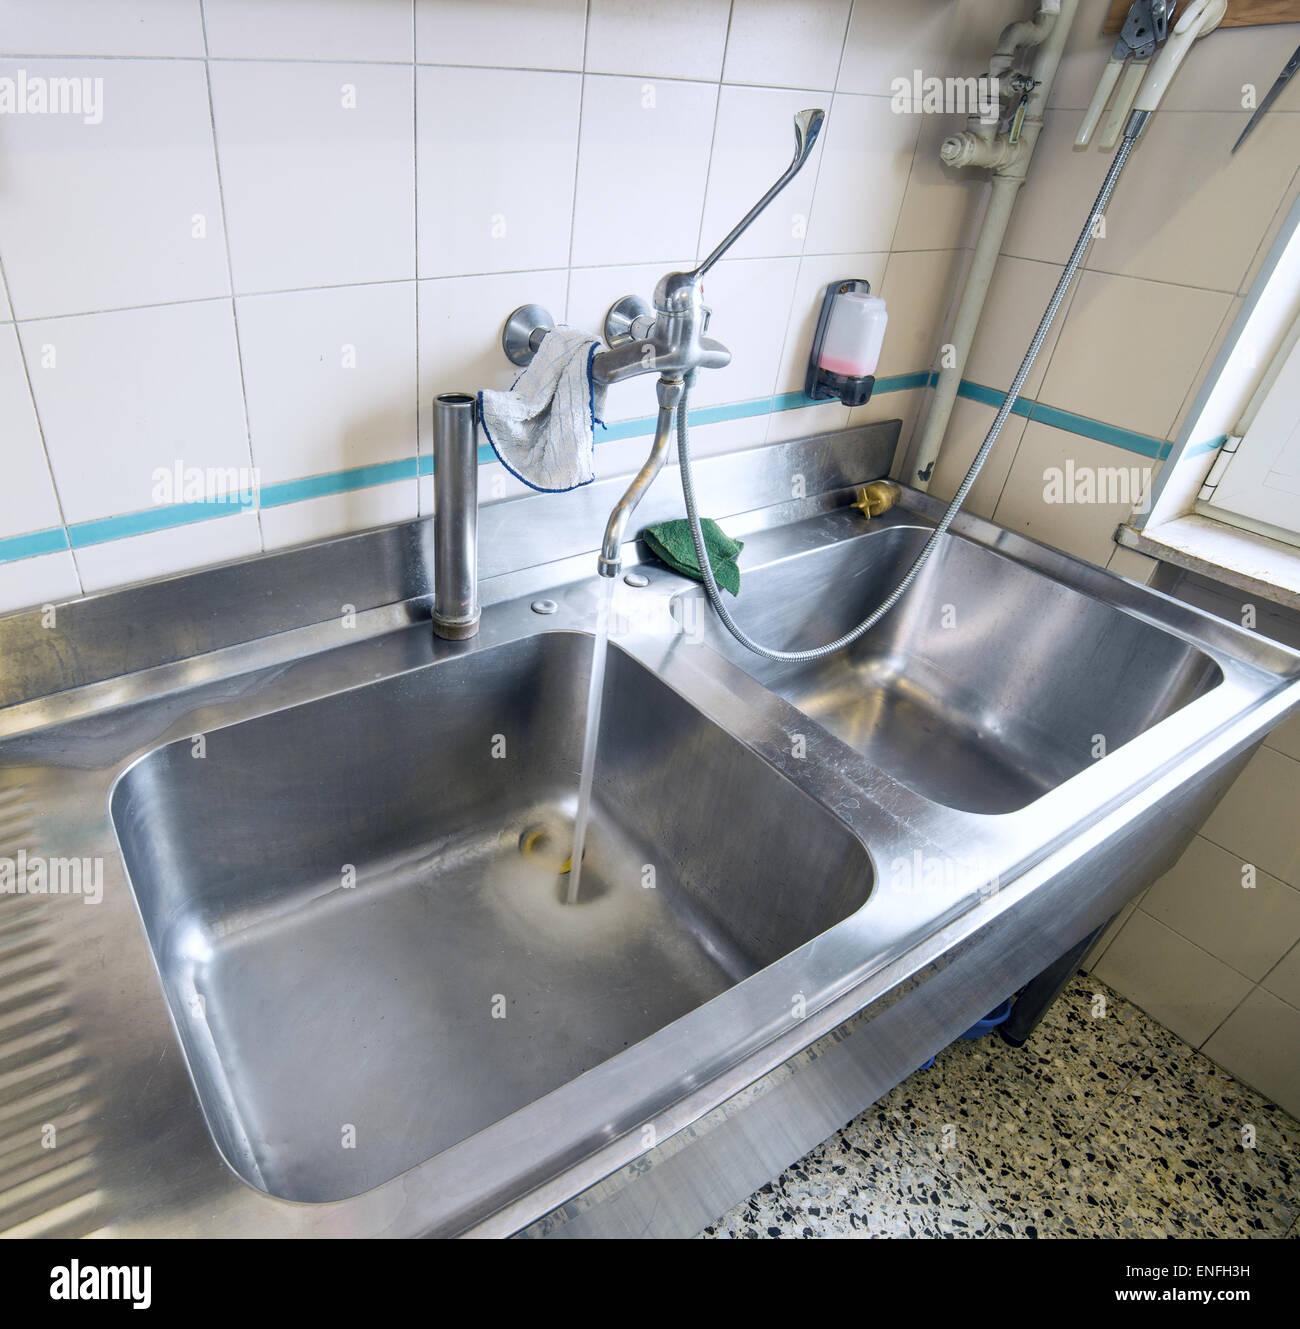 Lavello in acciaio inox cucina industriale con rubinetto ...